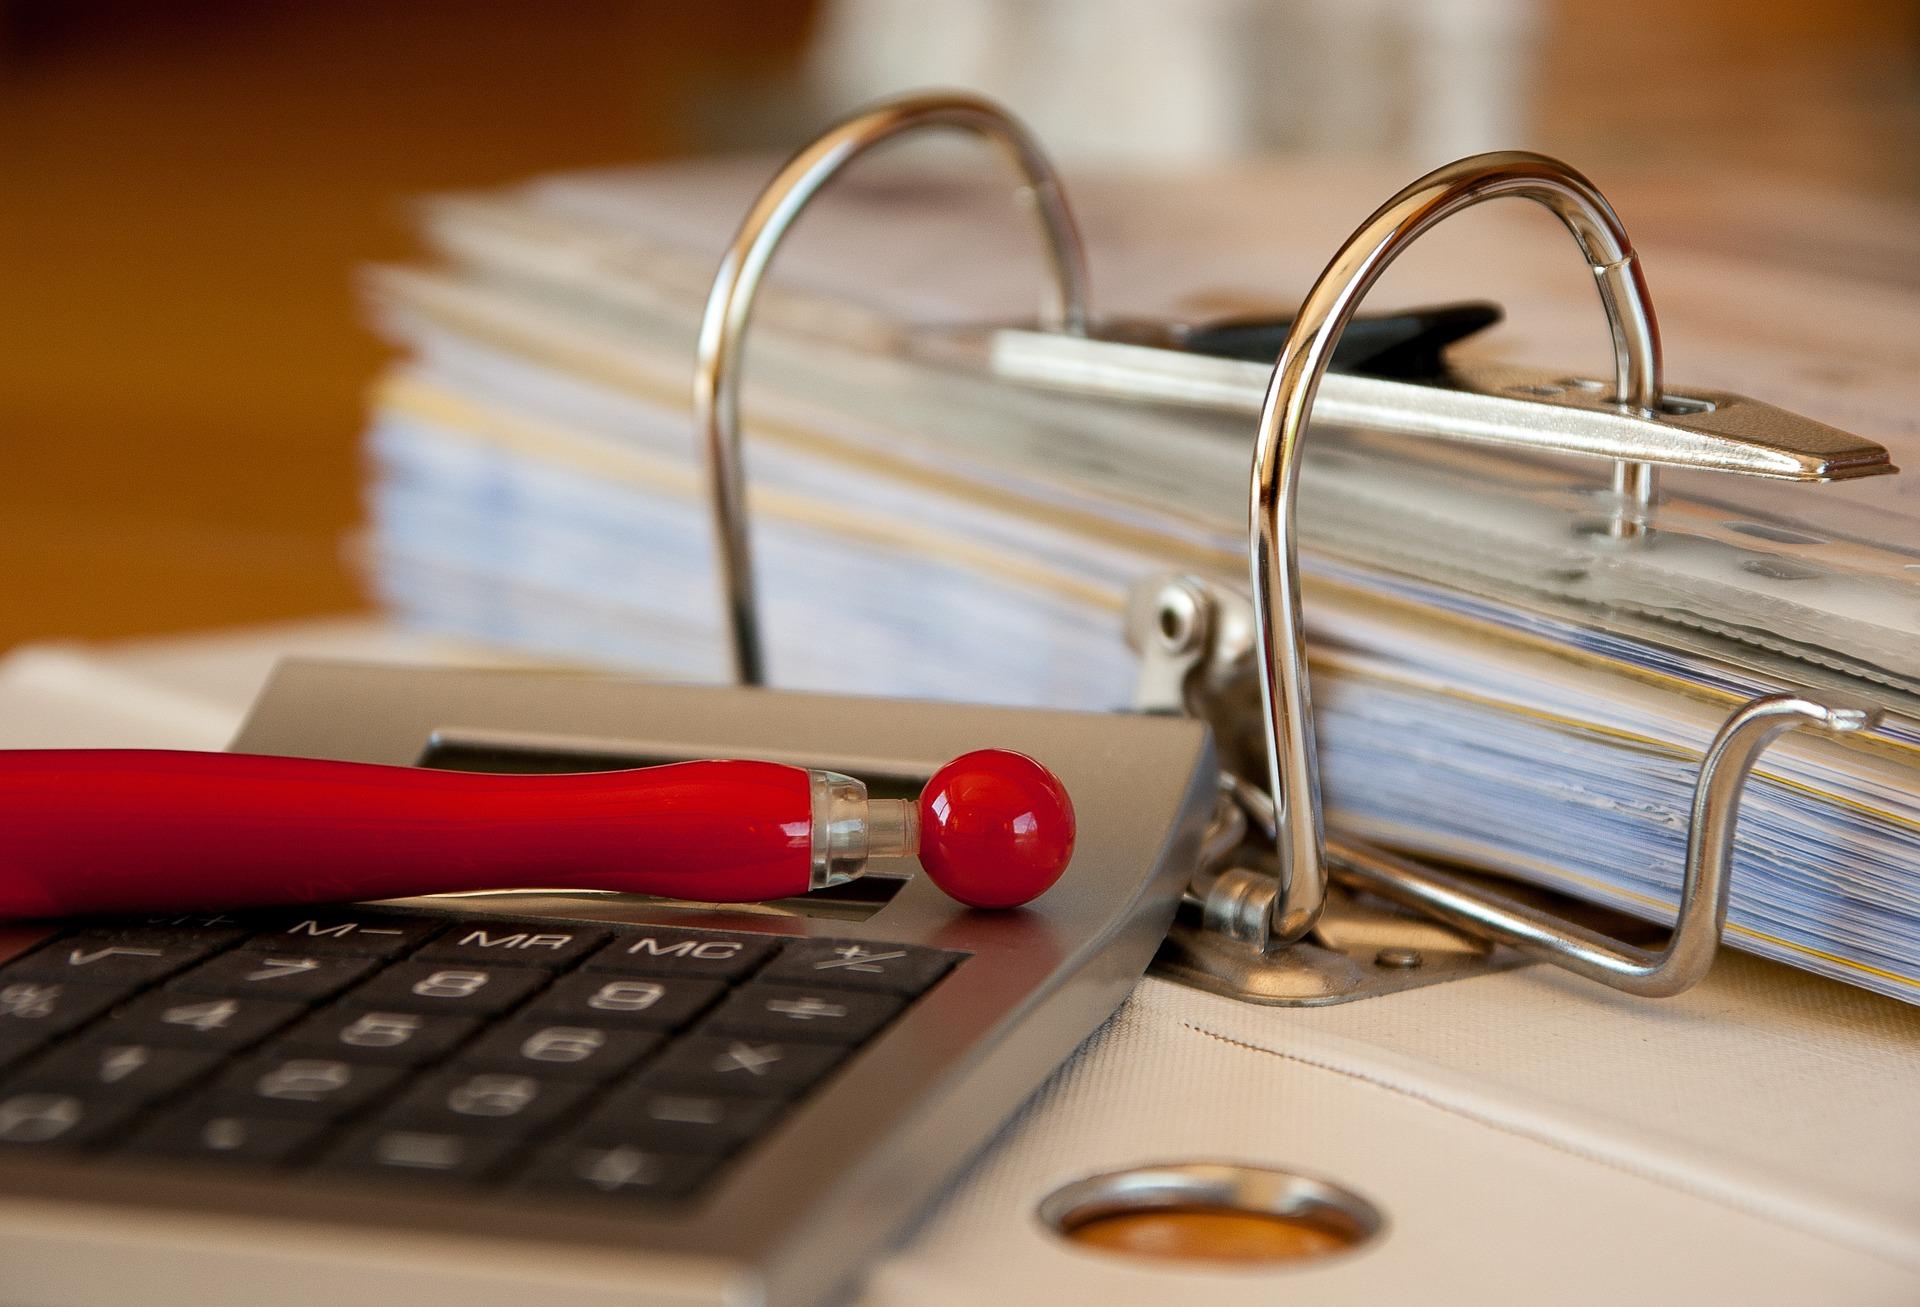 Taloyhtiön arkisto paperisena pöydällä - Neomeet